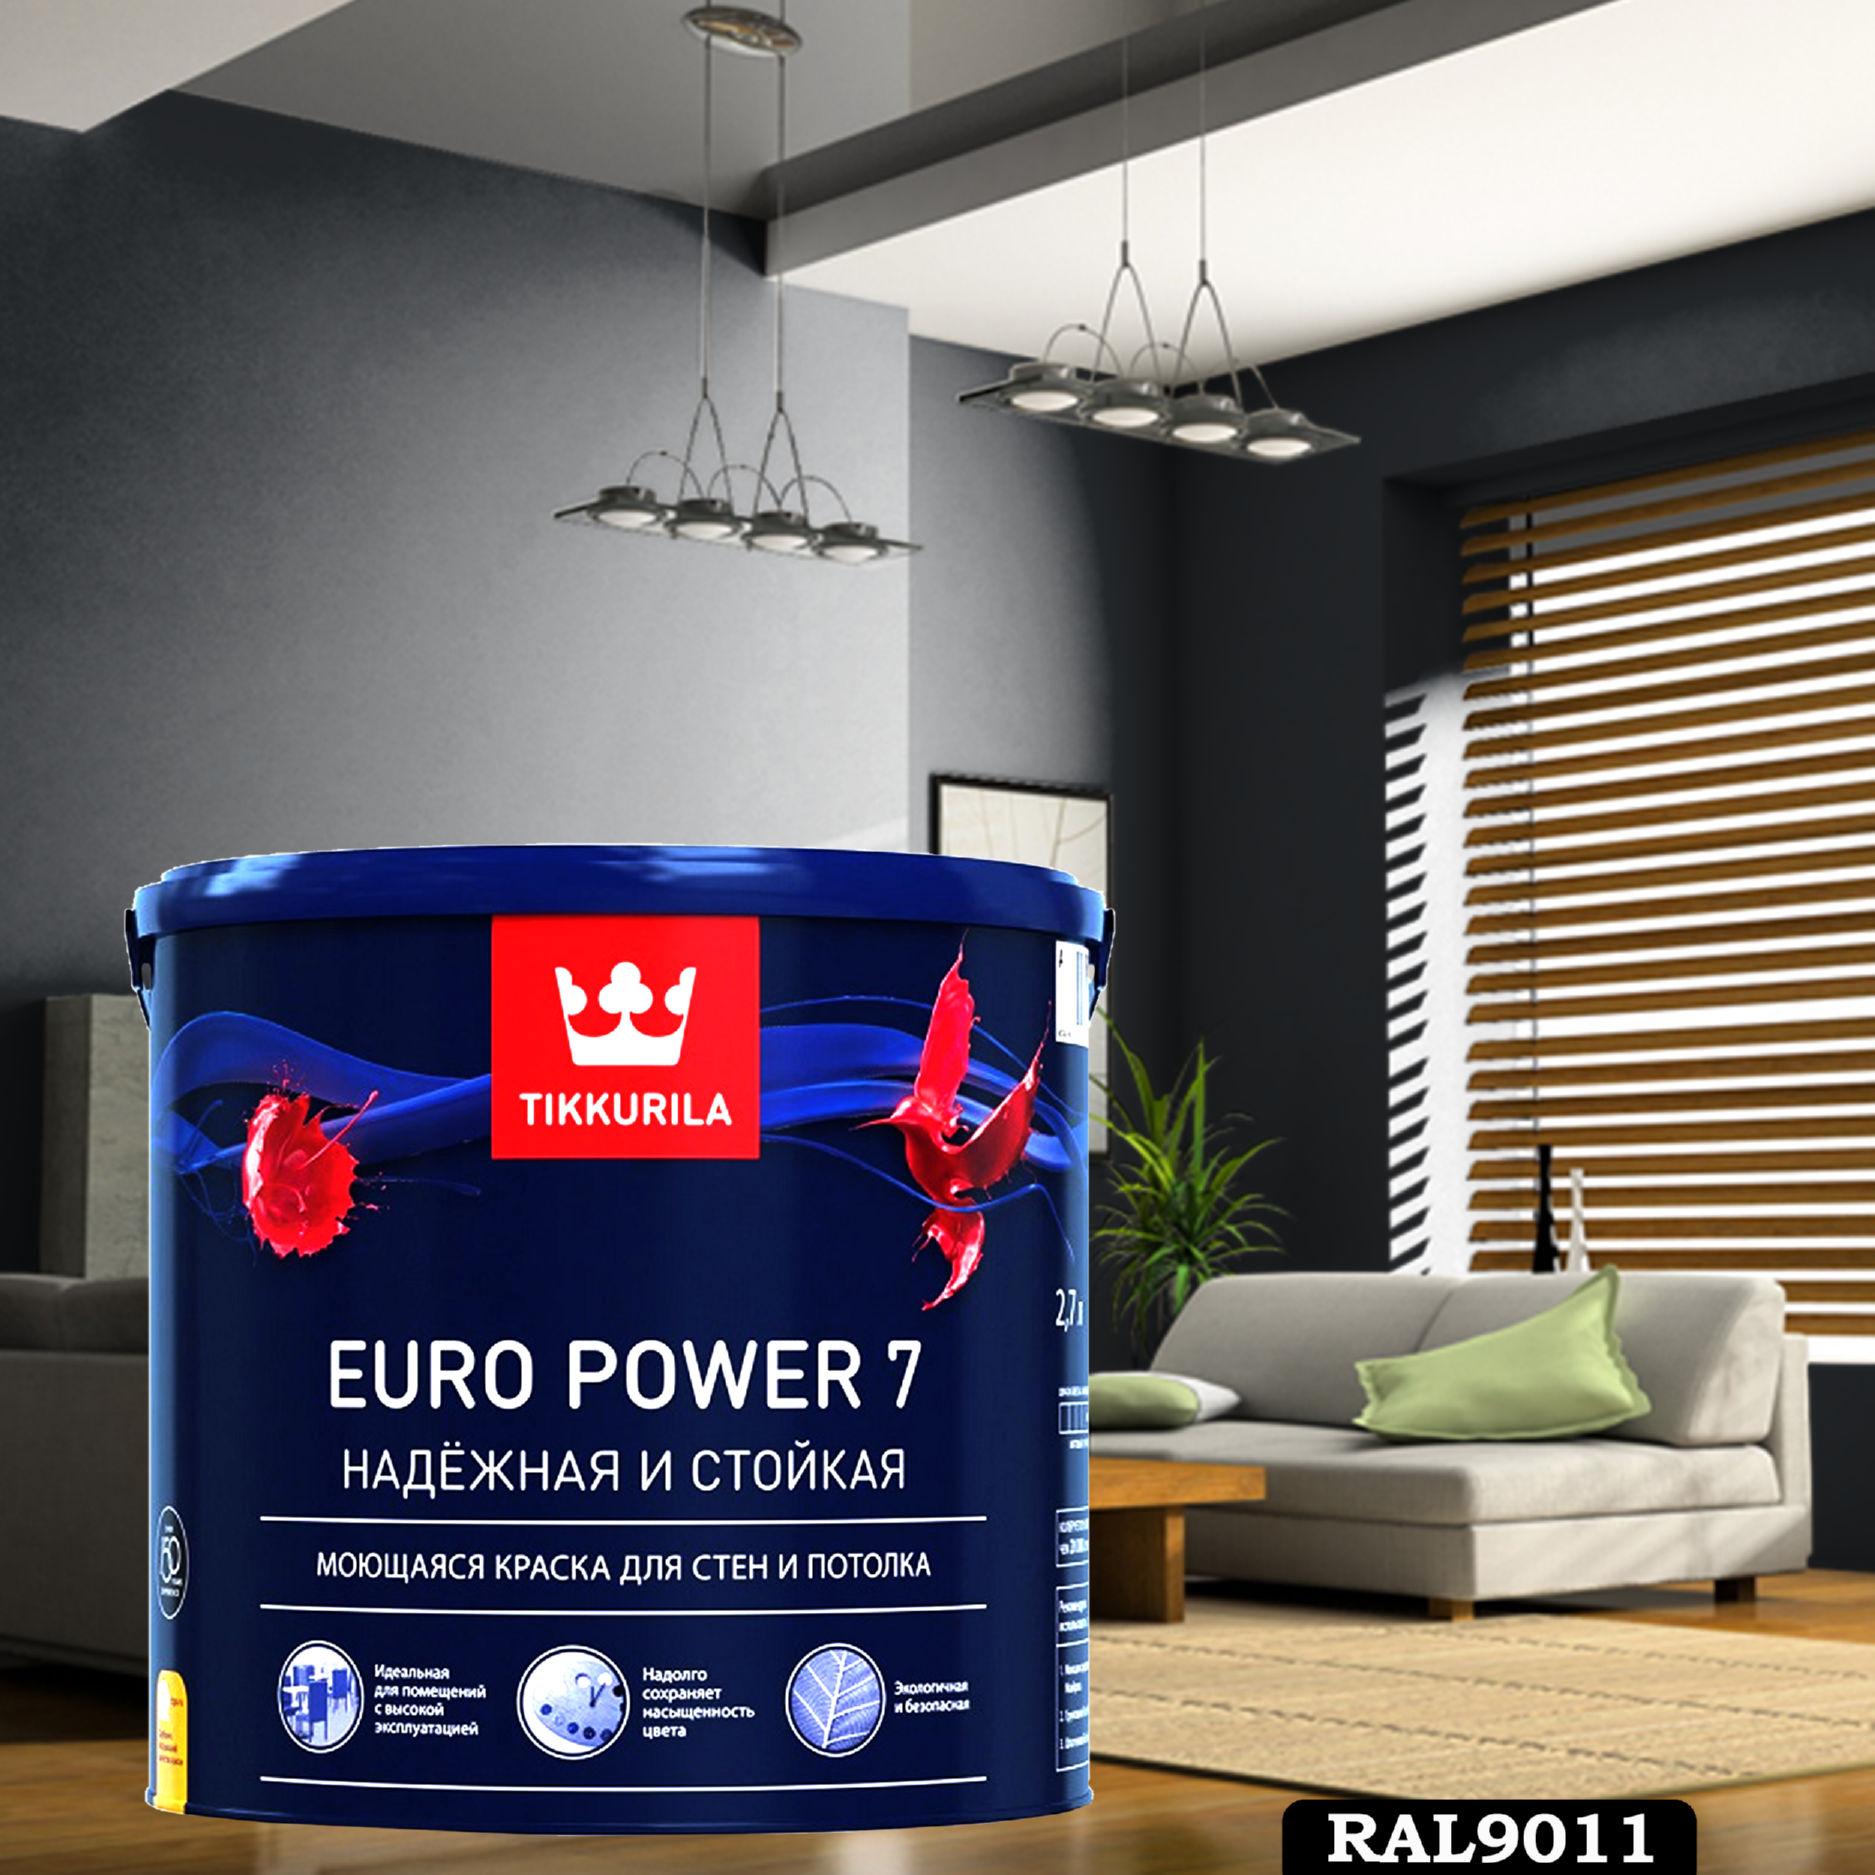 Фото 7 - Краска TIKKURILA Euro Power 7,  RAL 9011 Графитно-чёрный, латексная моющаяся матовая интерьерная, 9 л.